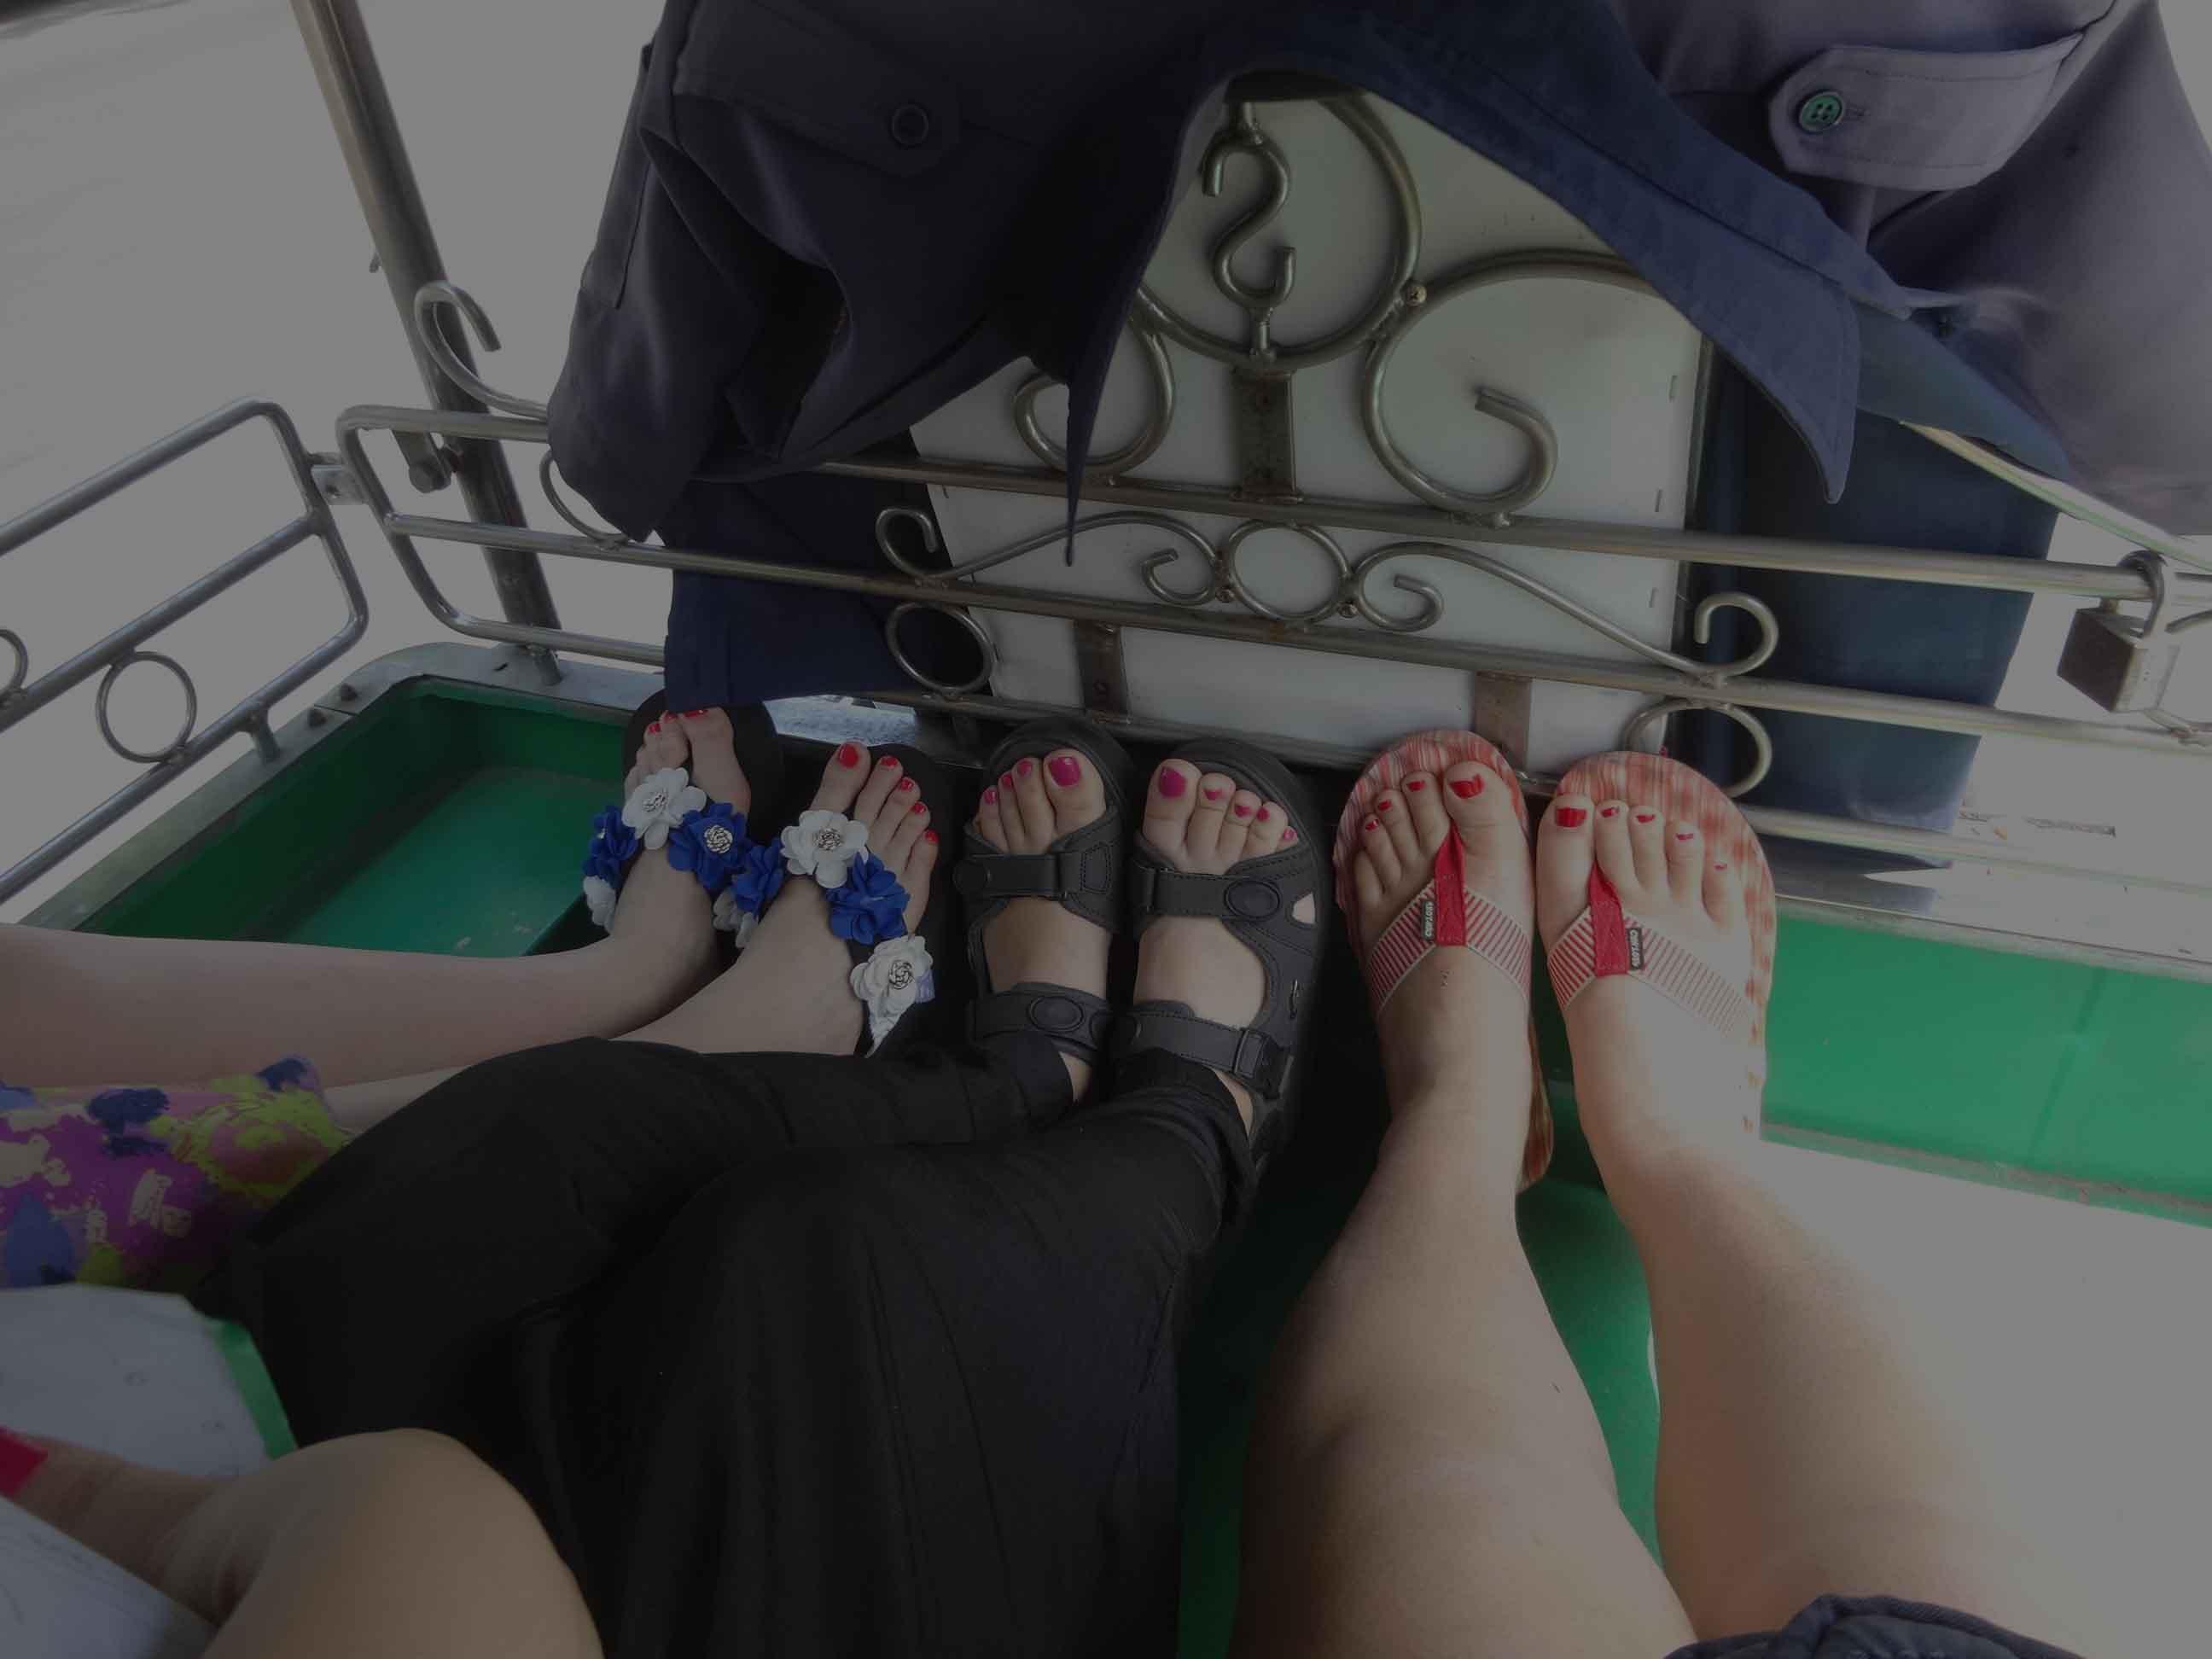 旅行回忆篇:六只脚丫,周马观花曼谷(就2天)汗!